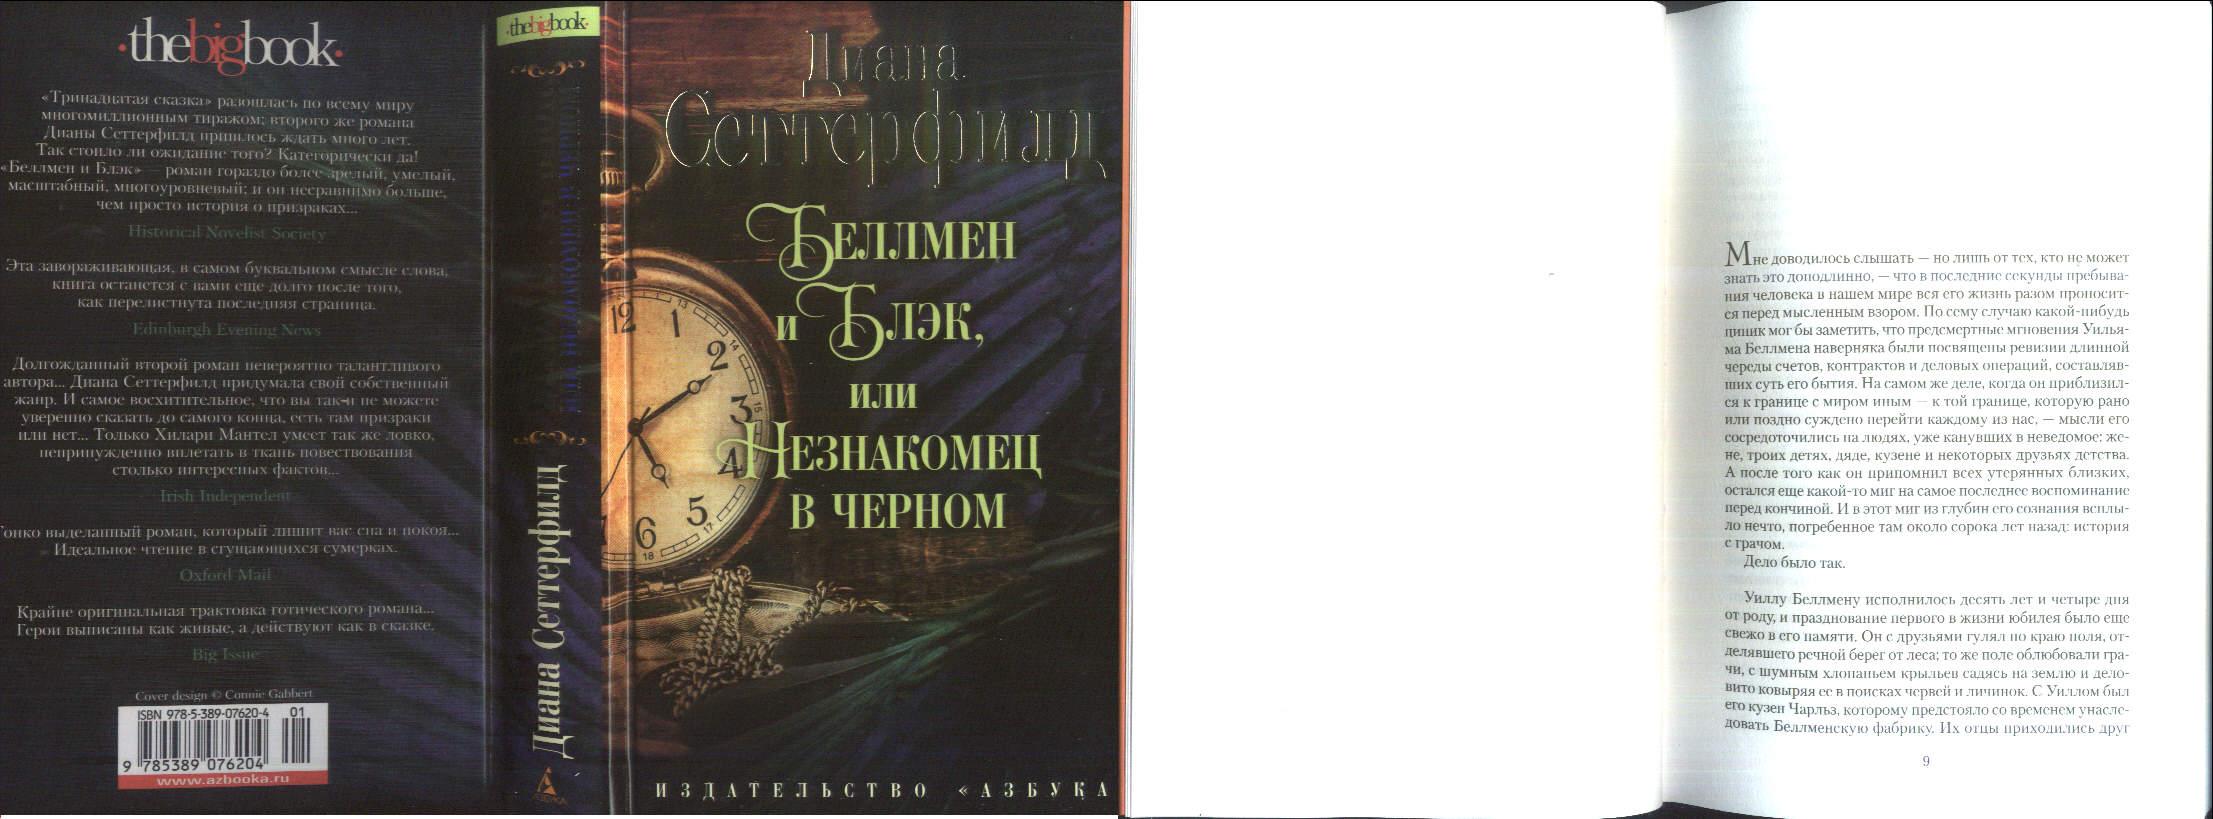 БЕЛЛМЕН И БЛЭК ИЛИ НЕЗНАКОМЕЦ В ЧЁРНОМ СКАЧАТЬ БЕСПЛАТНО